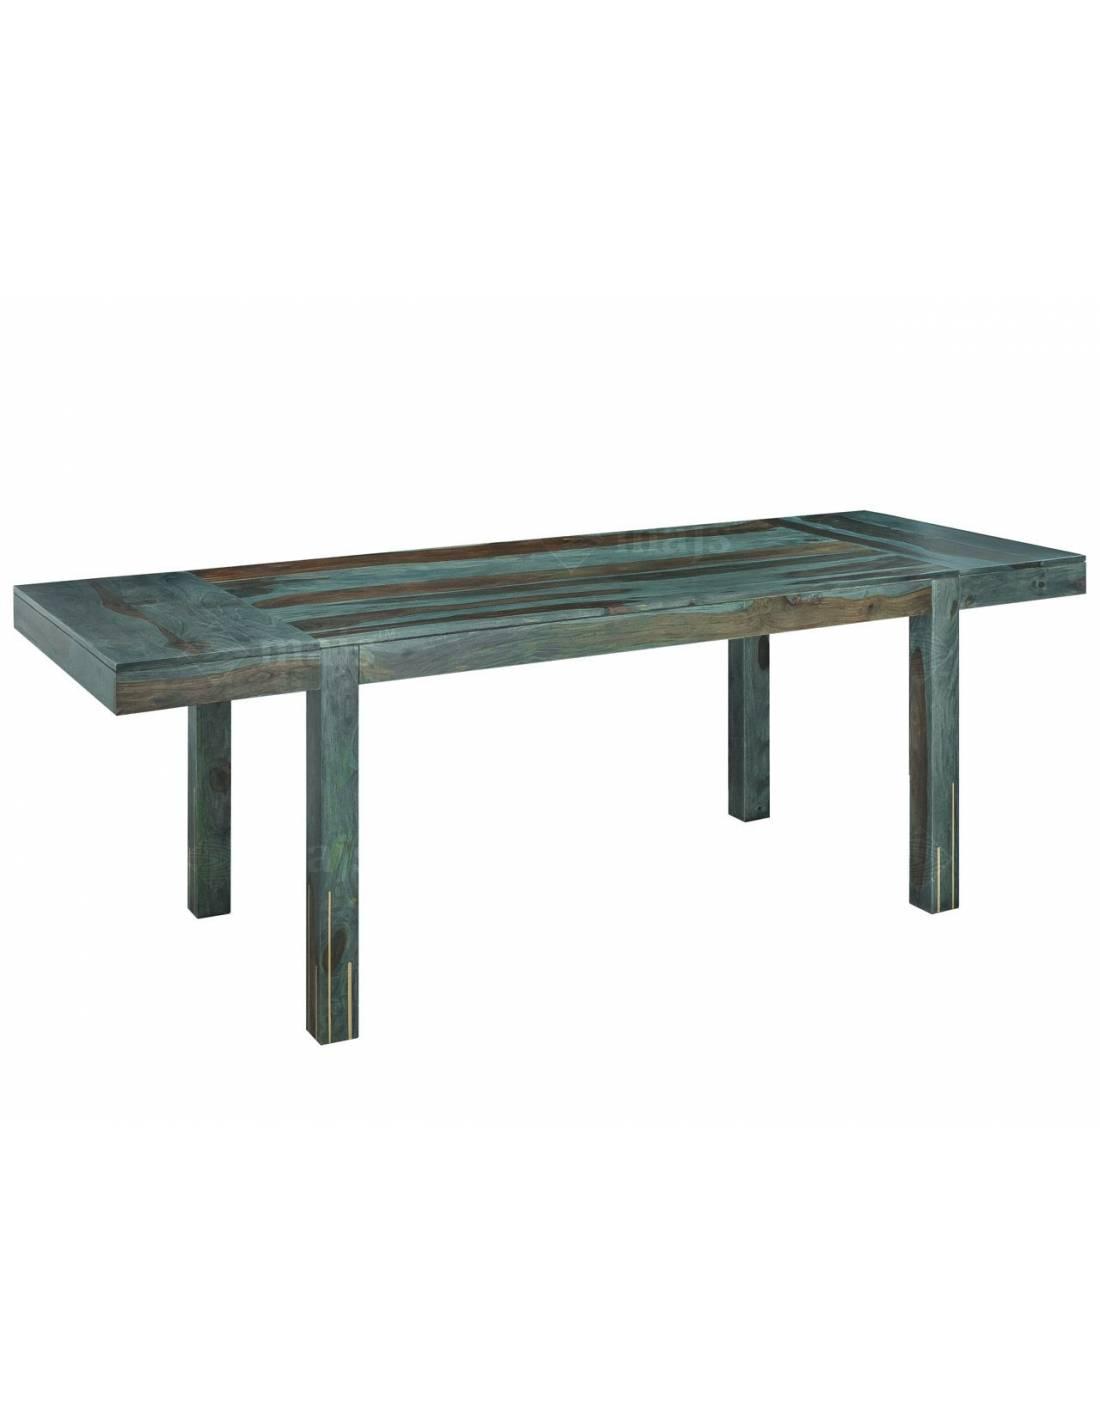 Stół 160-240 cm do salonu, jadalni z litego drewna palisandru